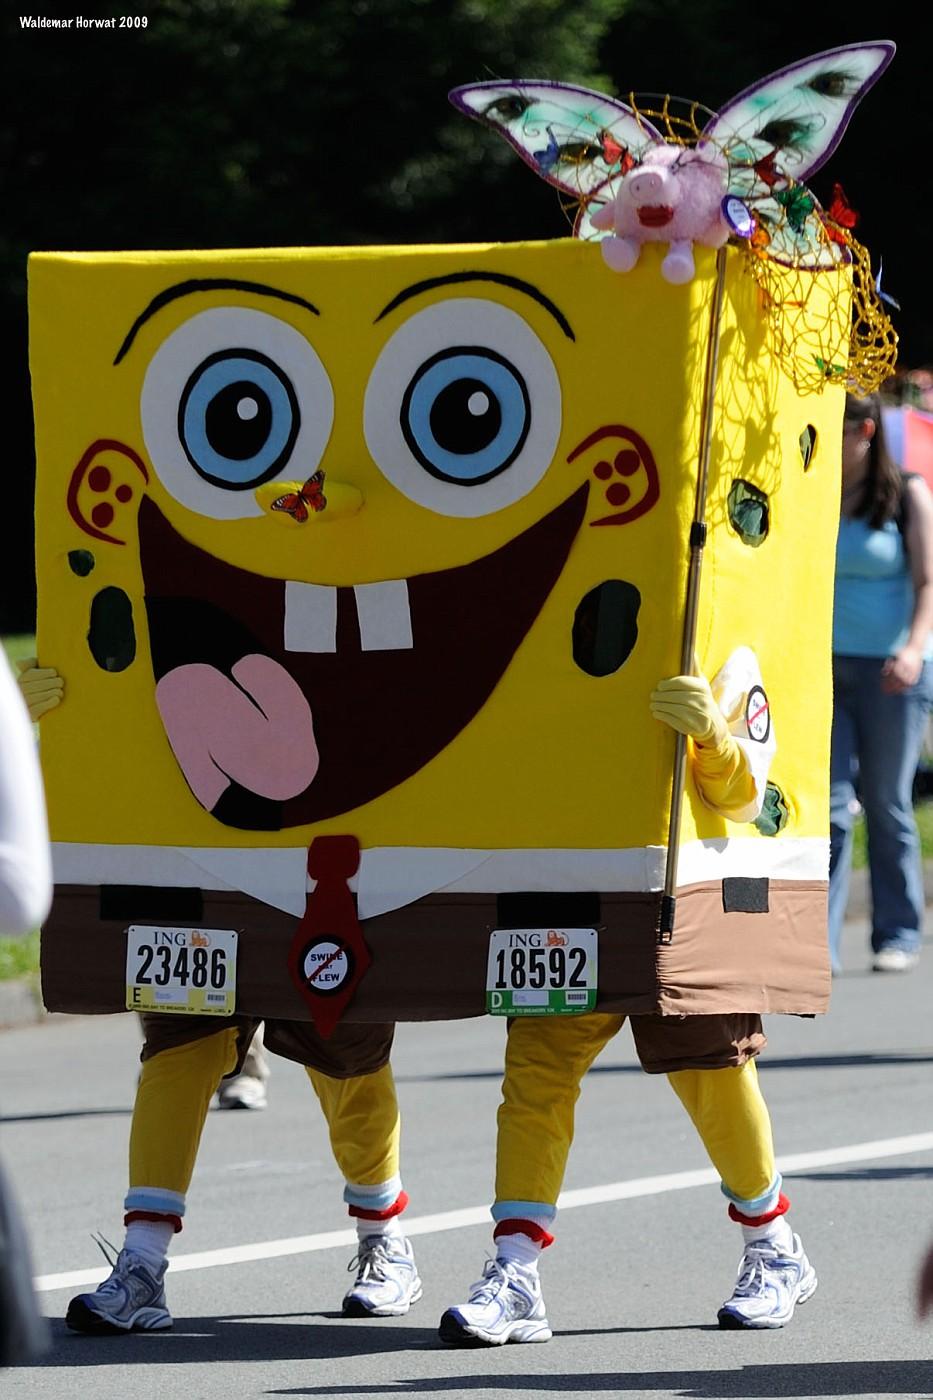 Double Spongebob